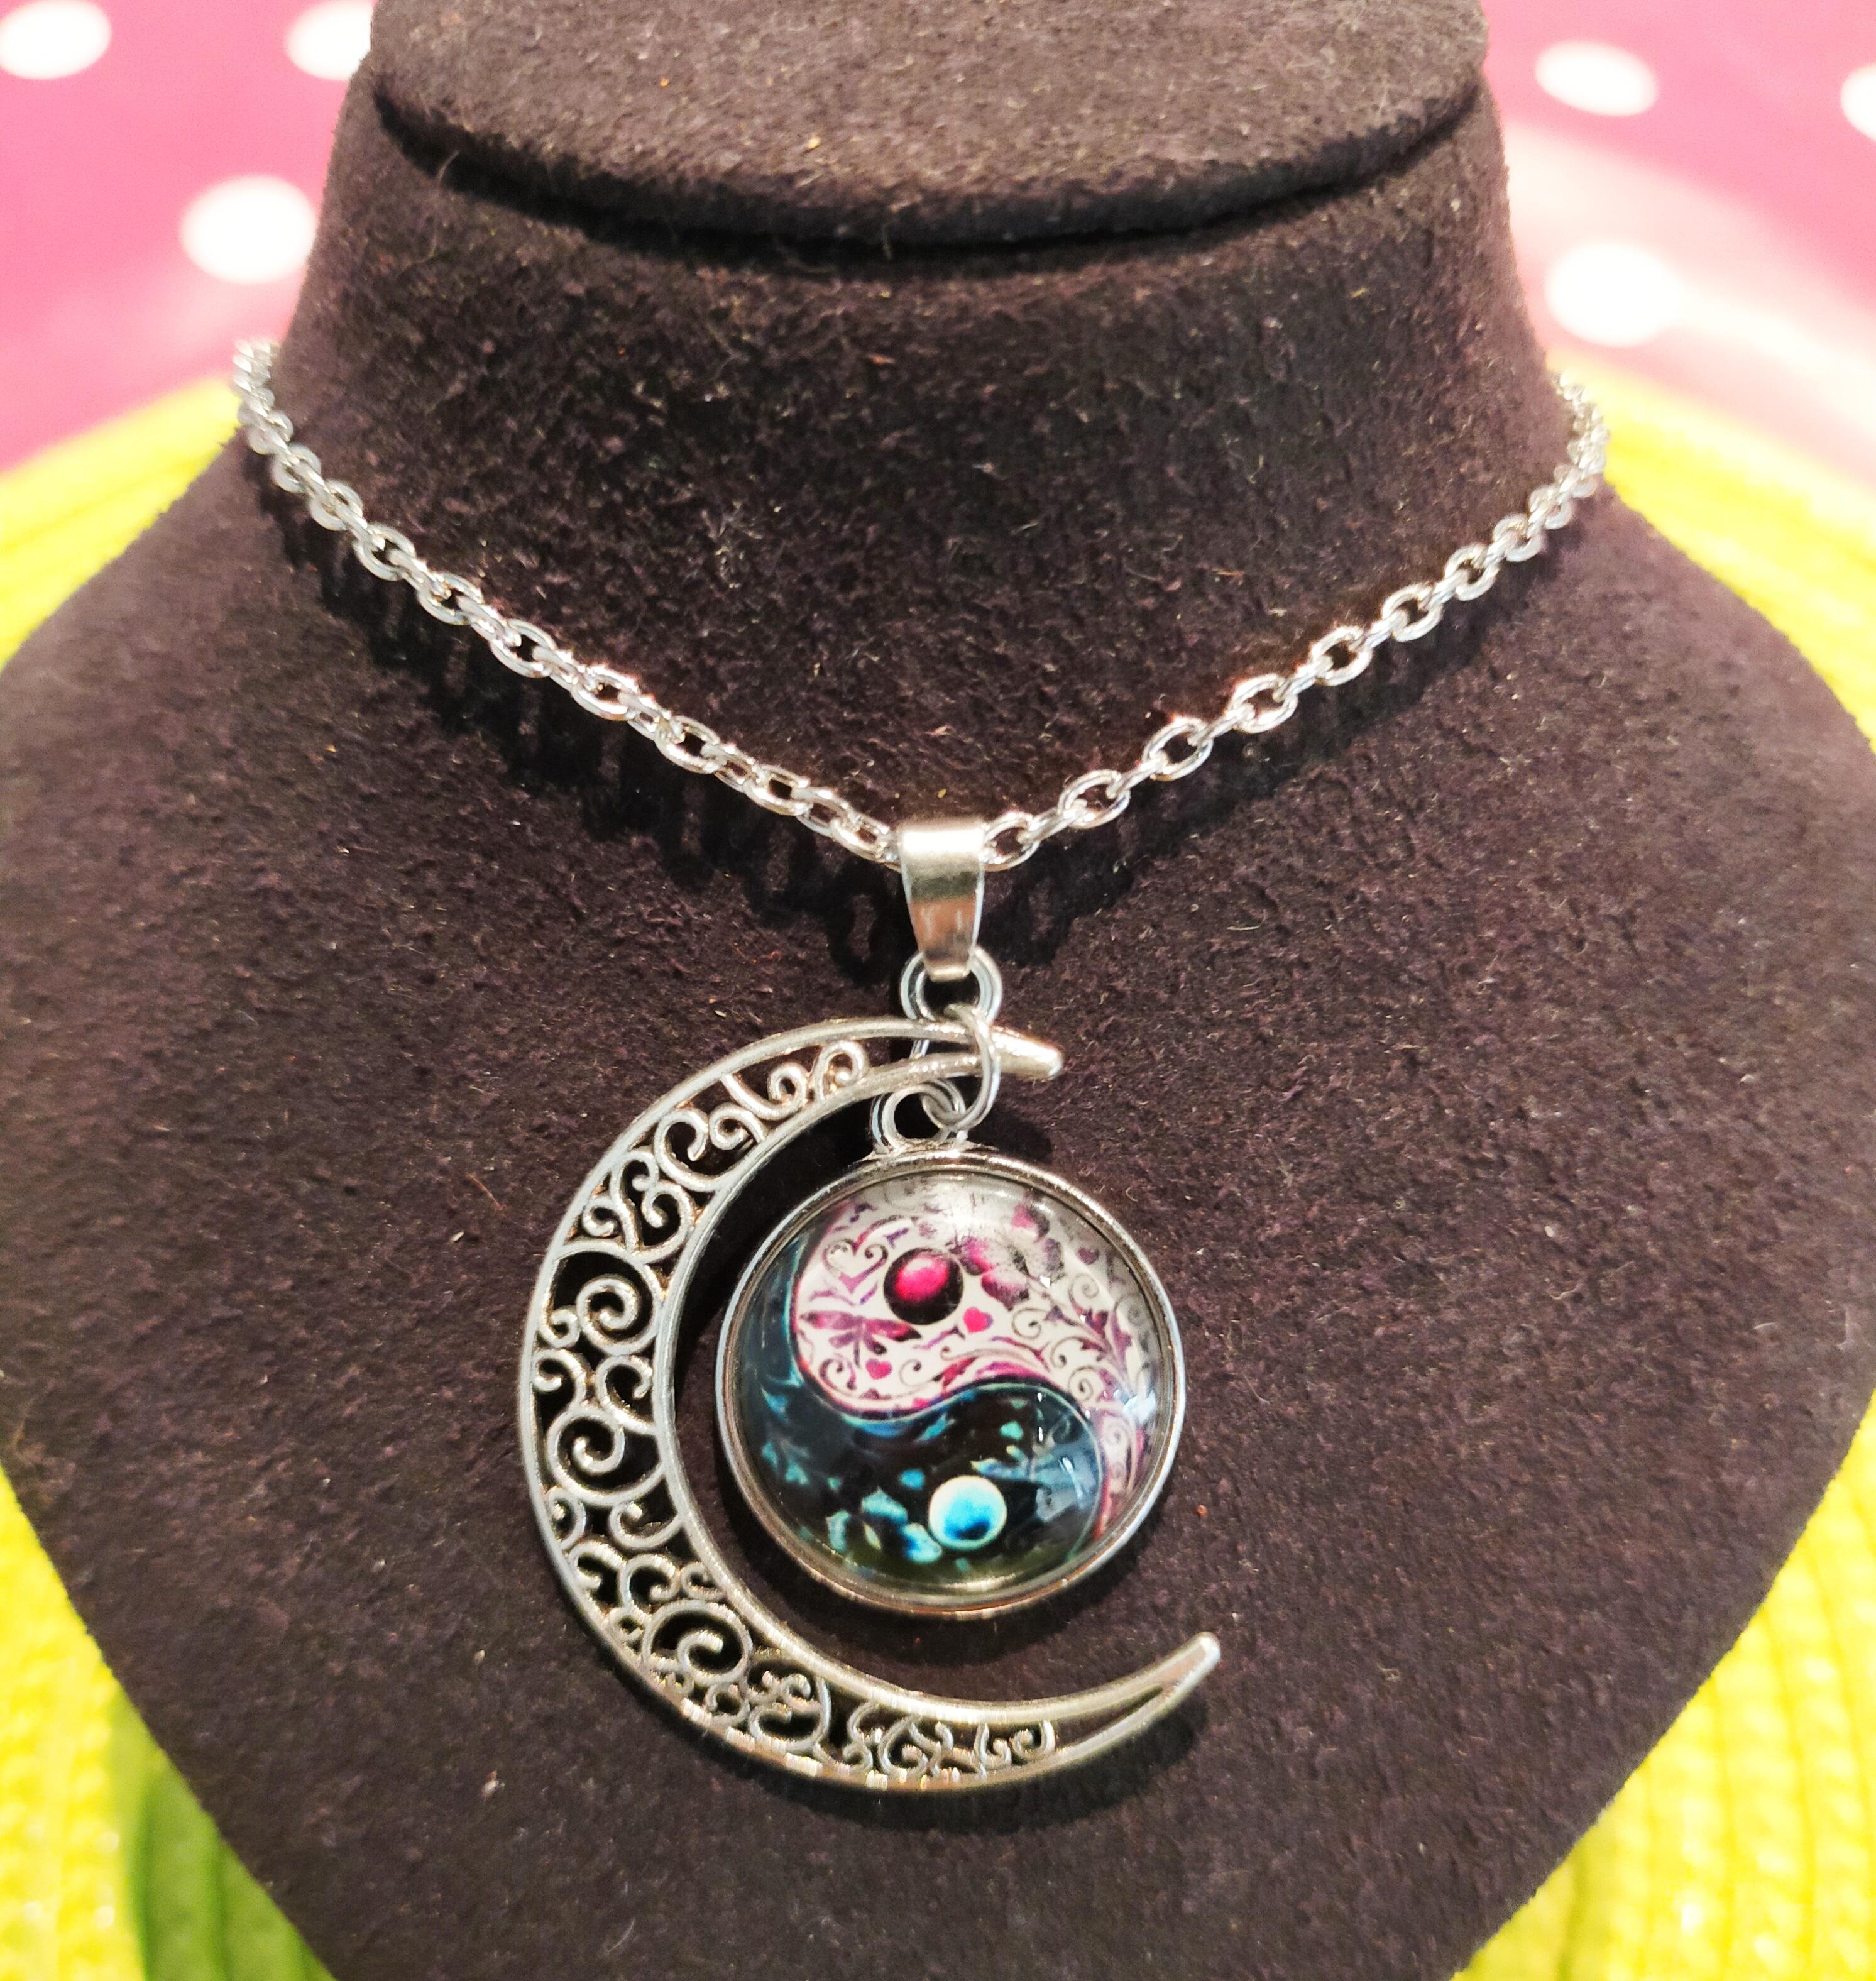 Lune ying yang